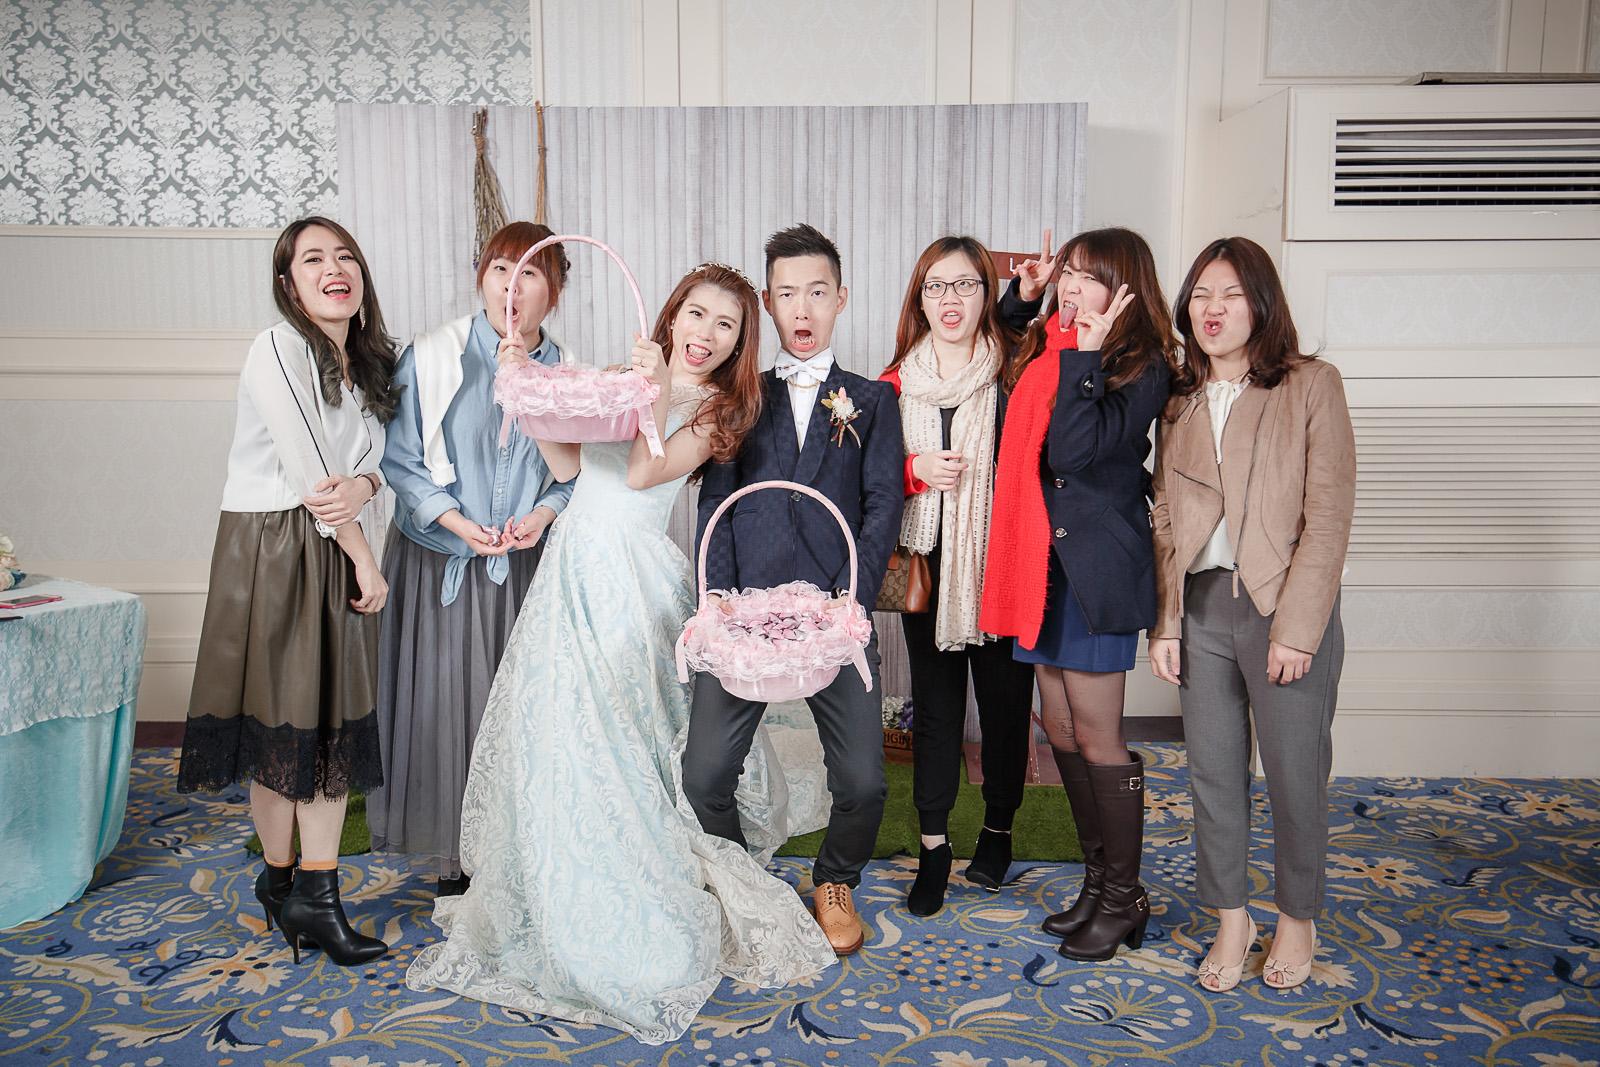 高雄圓山飯店,婚禮攝影,婚攝,高雄婚攝,優質婚攝推薦,Jen&Ethan-338